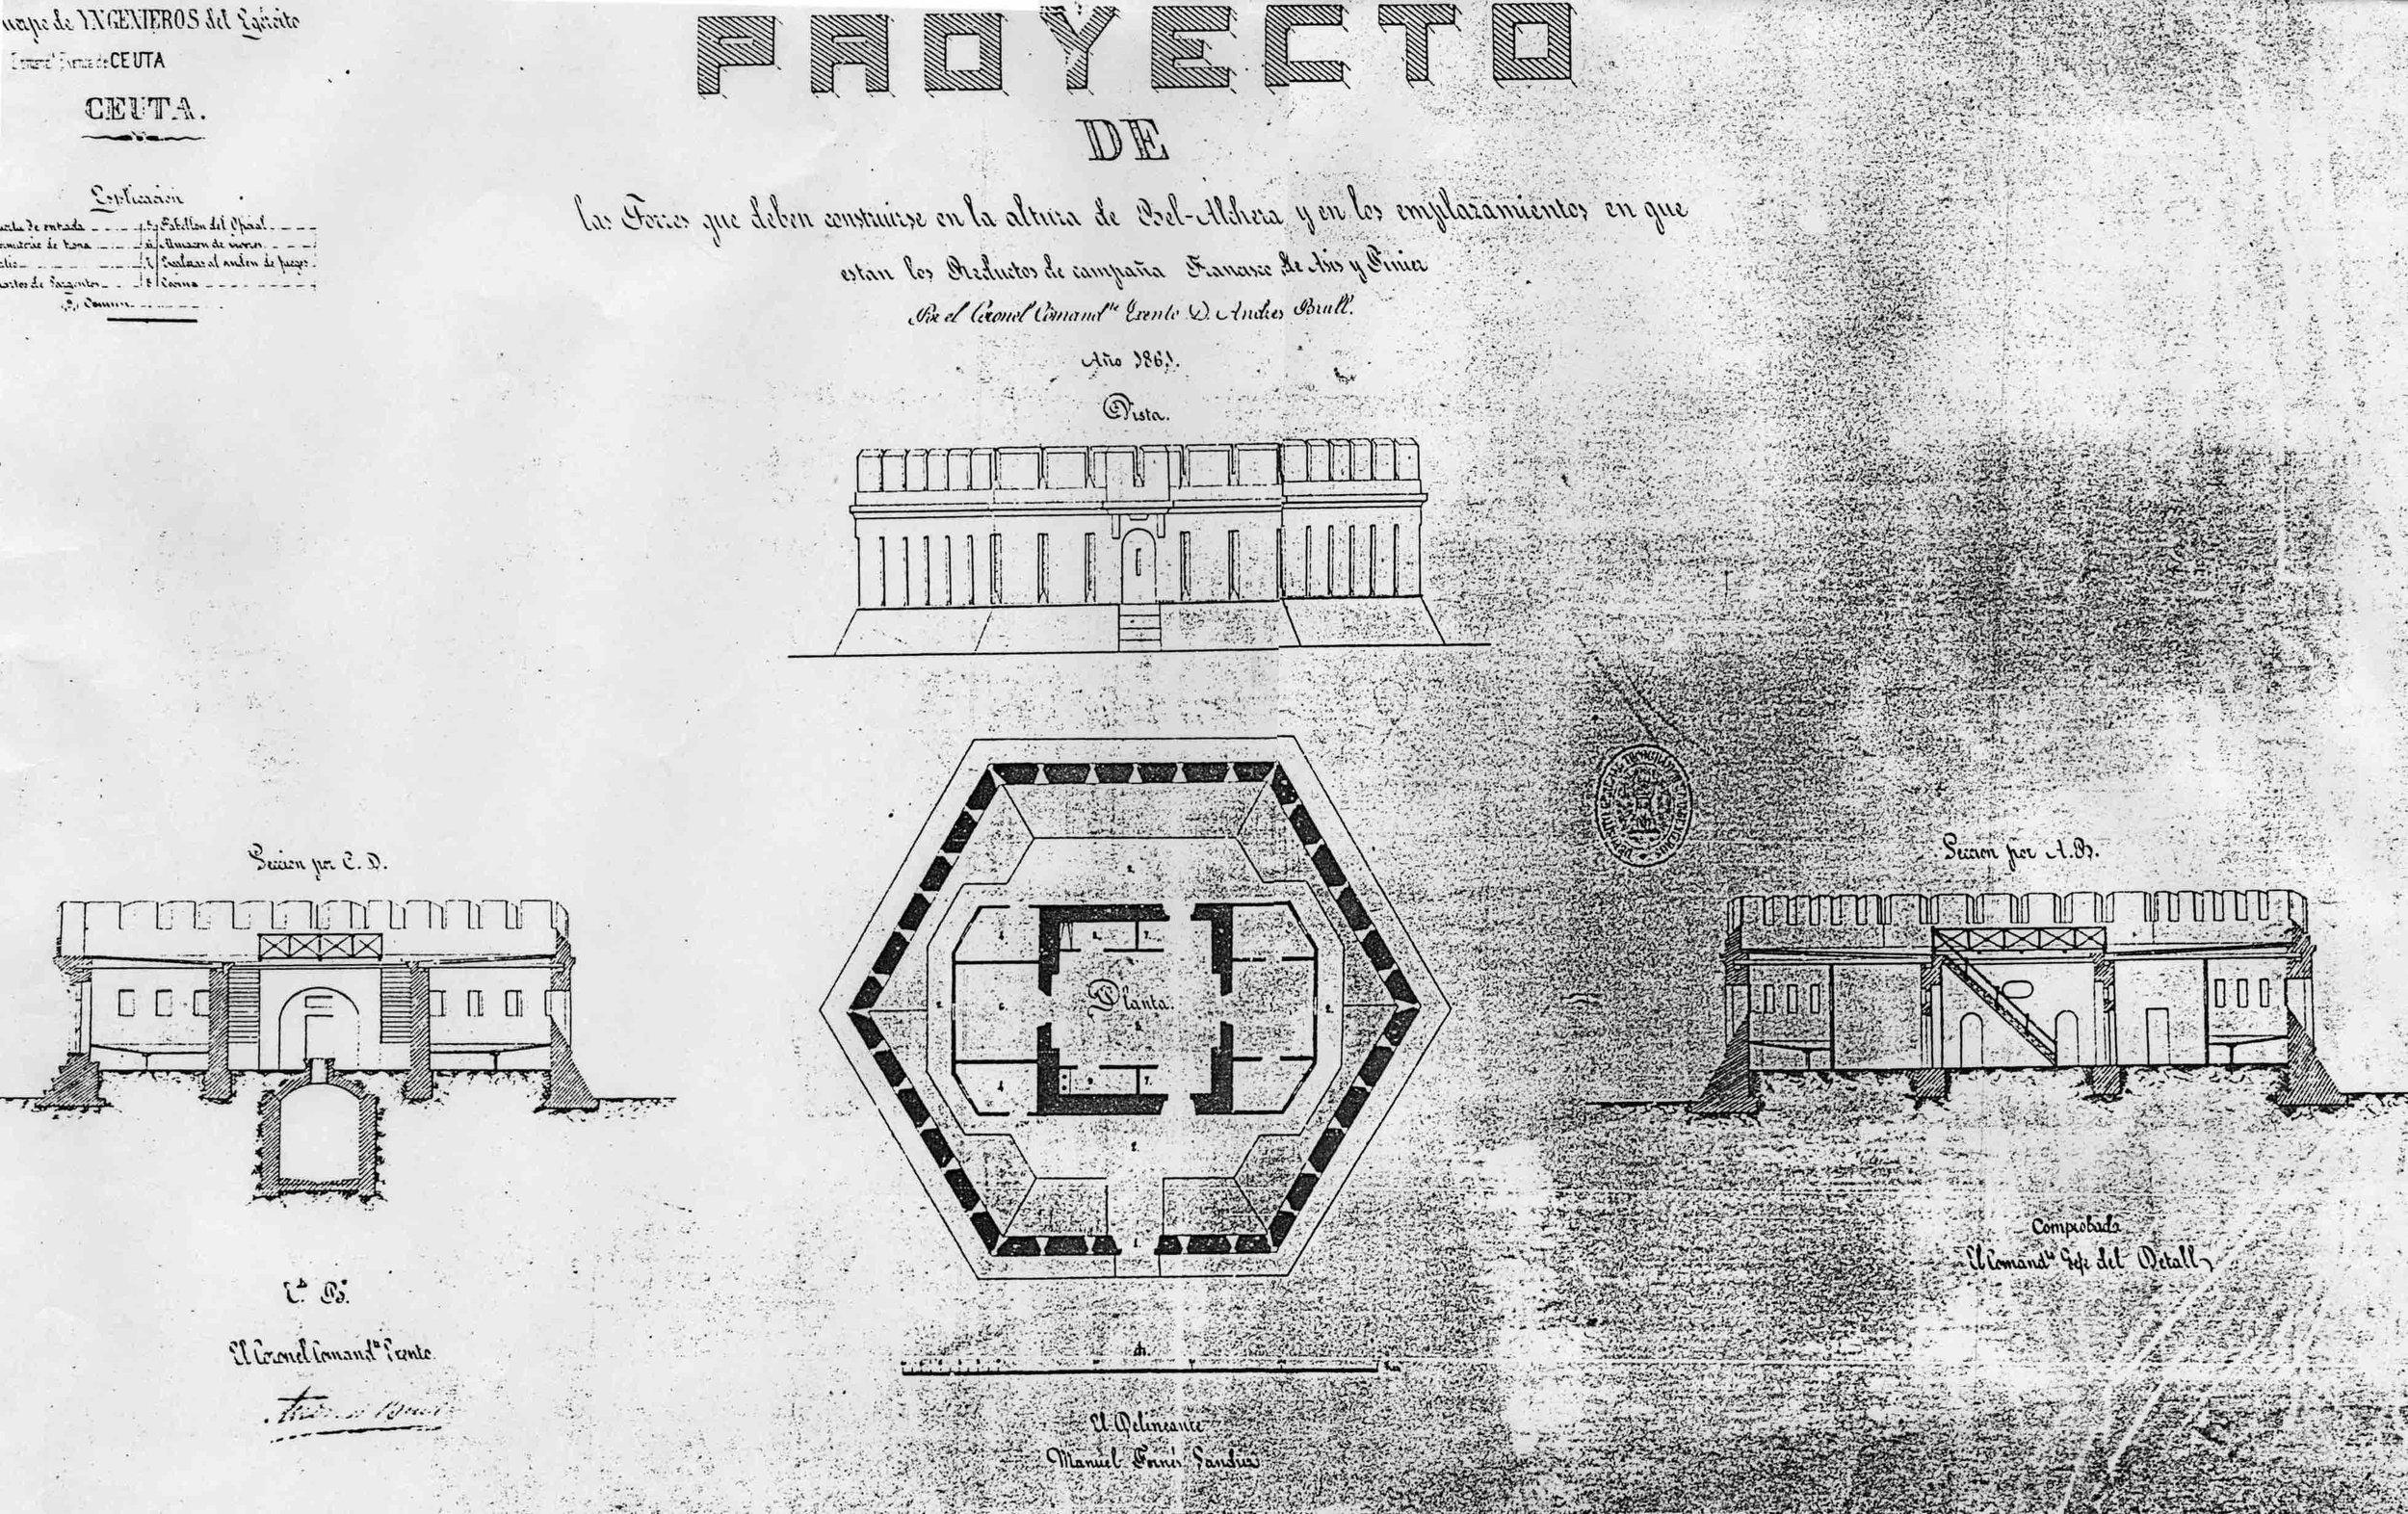 figura 15: proyecto de Piniers, Francisco de Asís y Anghera por Brull, 1861